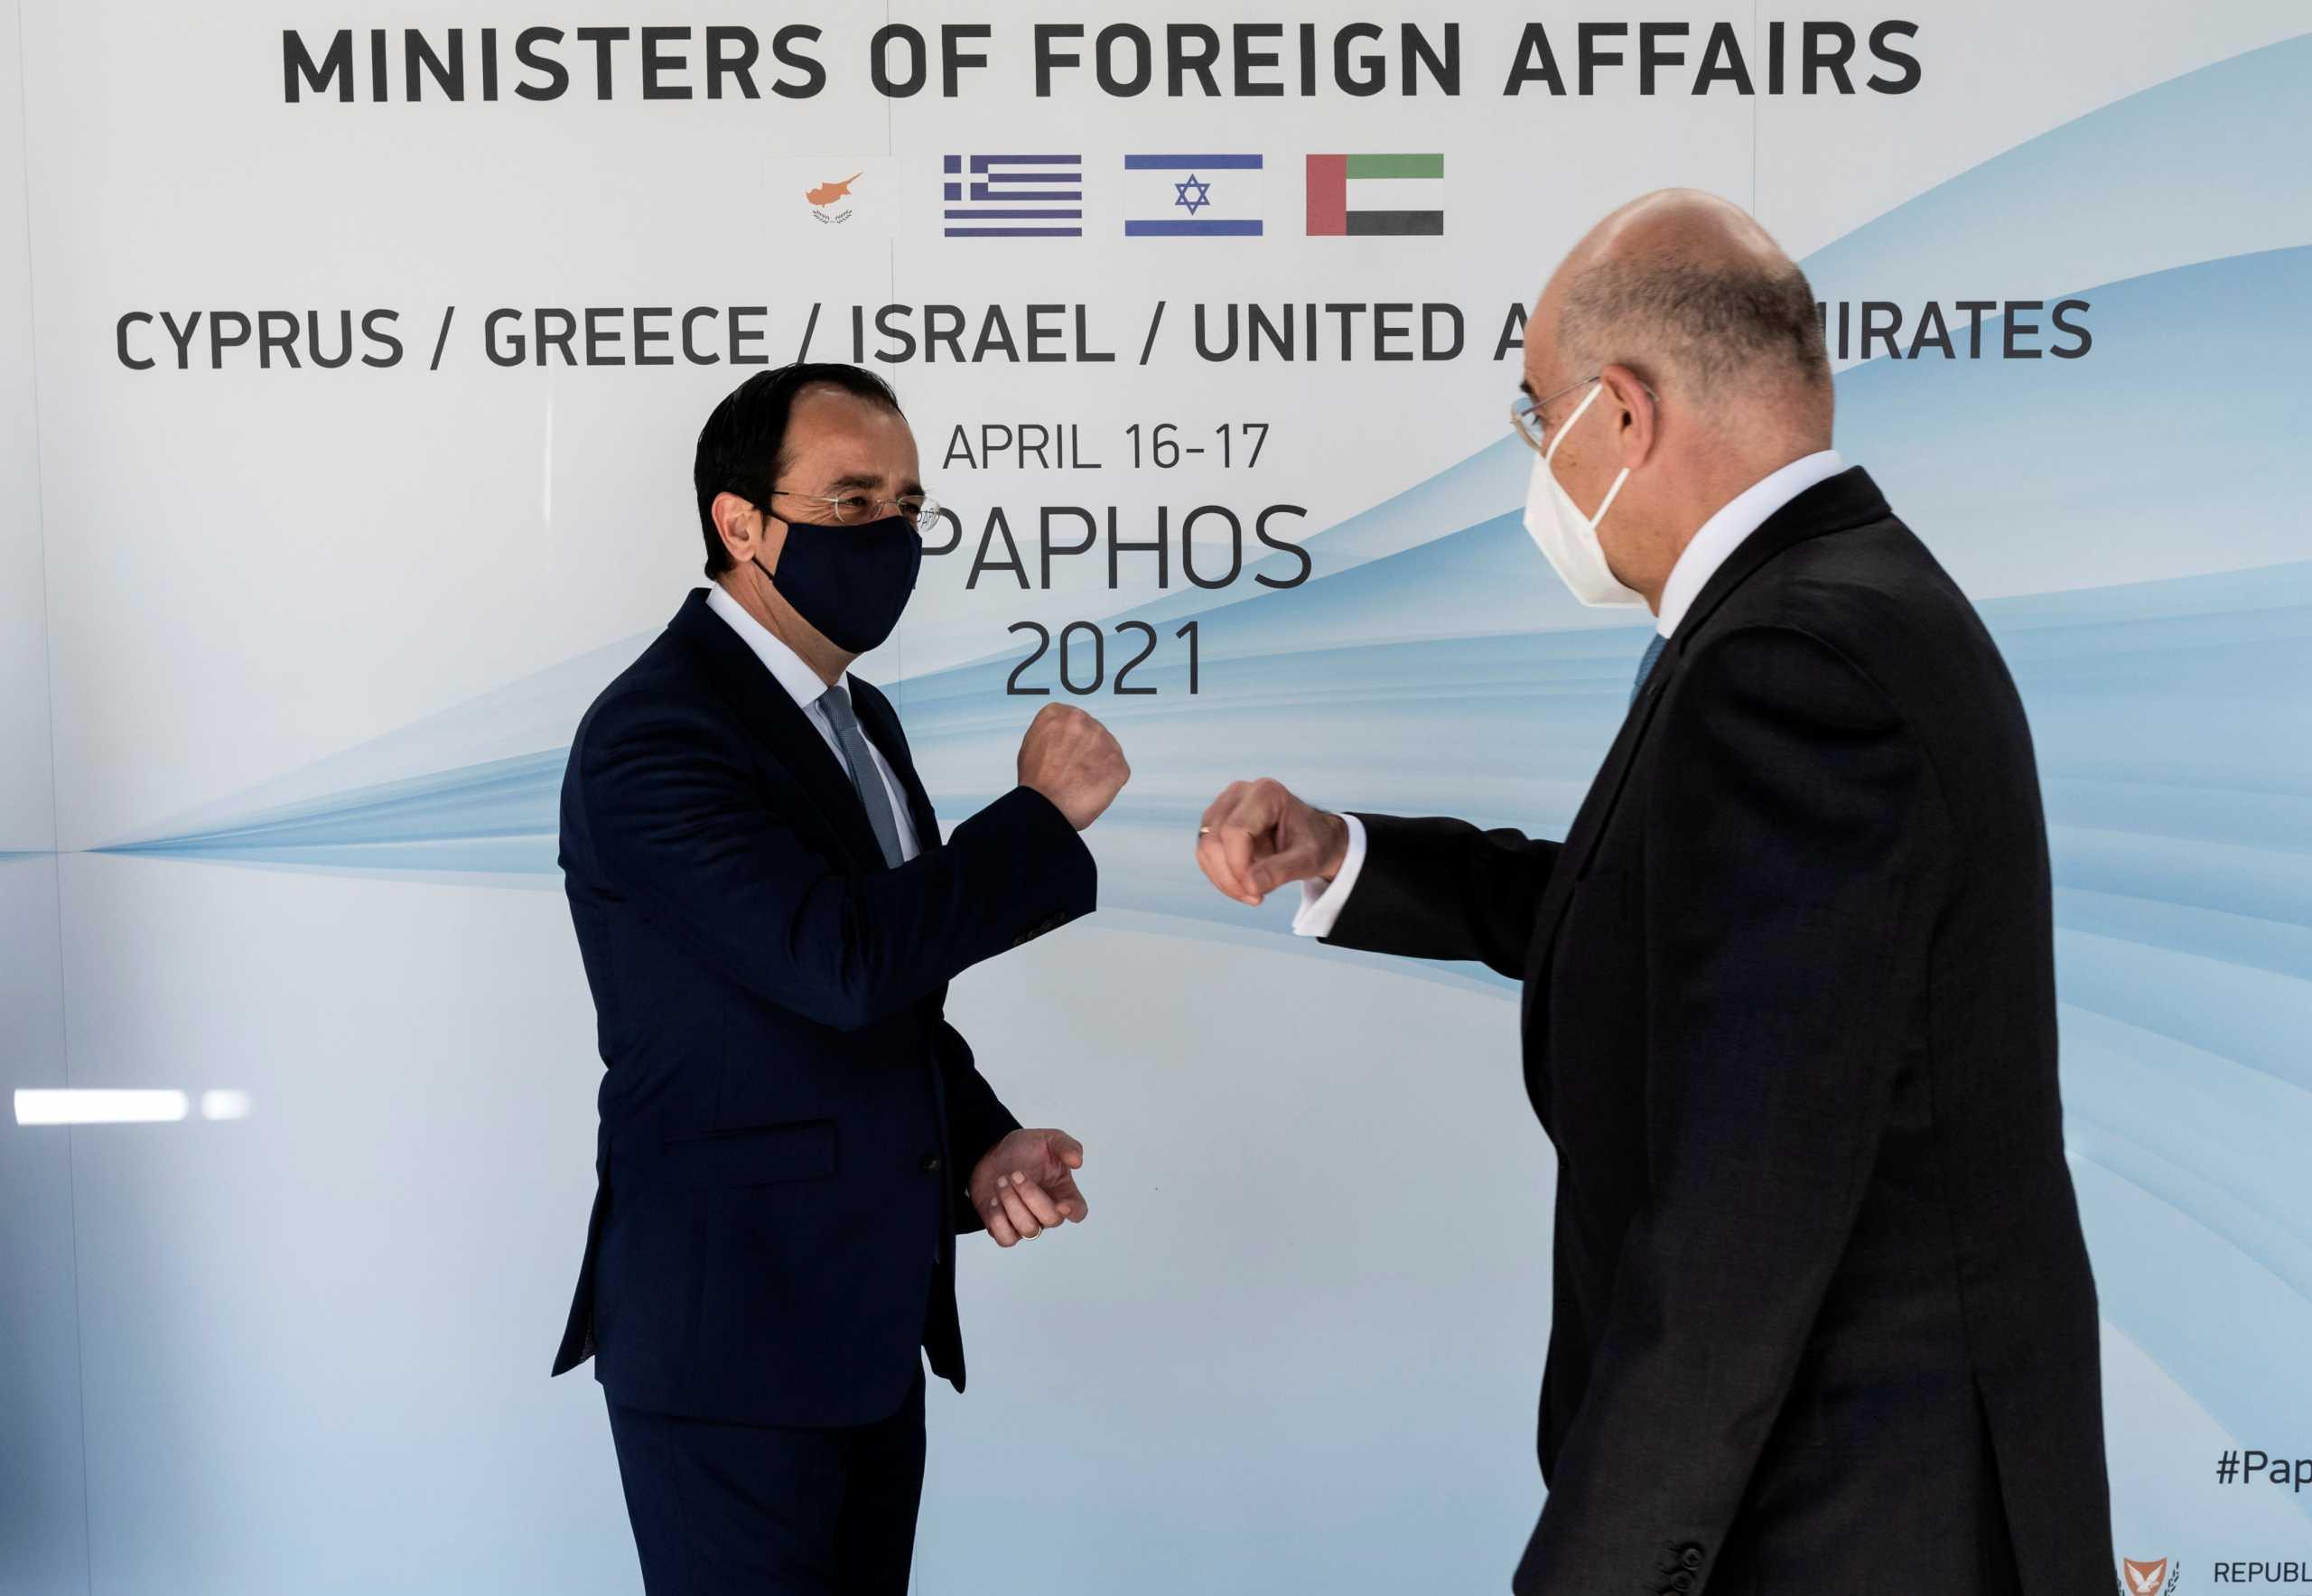 Χριστοδουλίδης: «Μήνυμα» σε Άγκυρα μέσω Βρυξελλών για τους στόχους της Λευκωσίας στο Κυπριακό